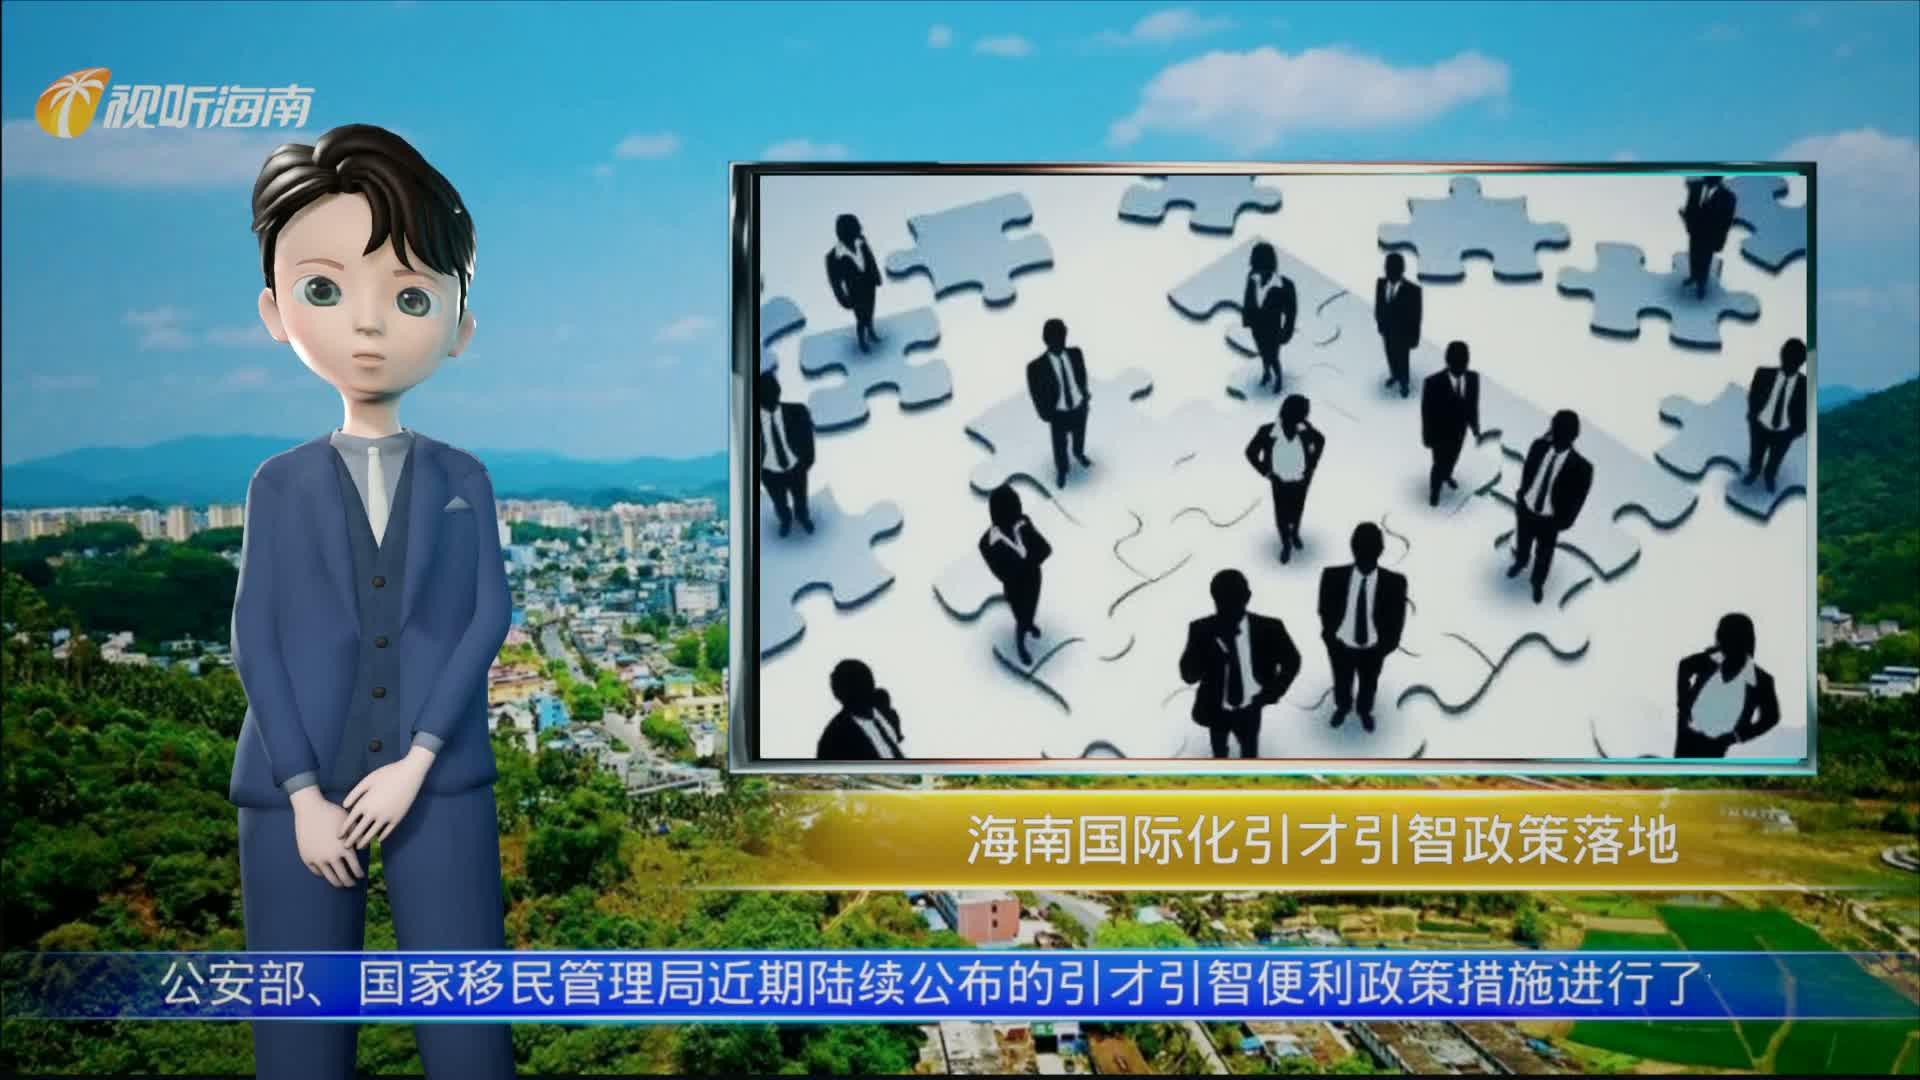 AI播报|海南国际化引才引智政策落地 扩大外国人才申请永久居留对象范围